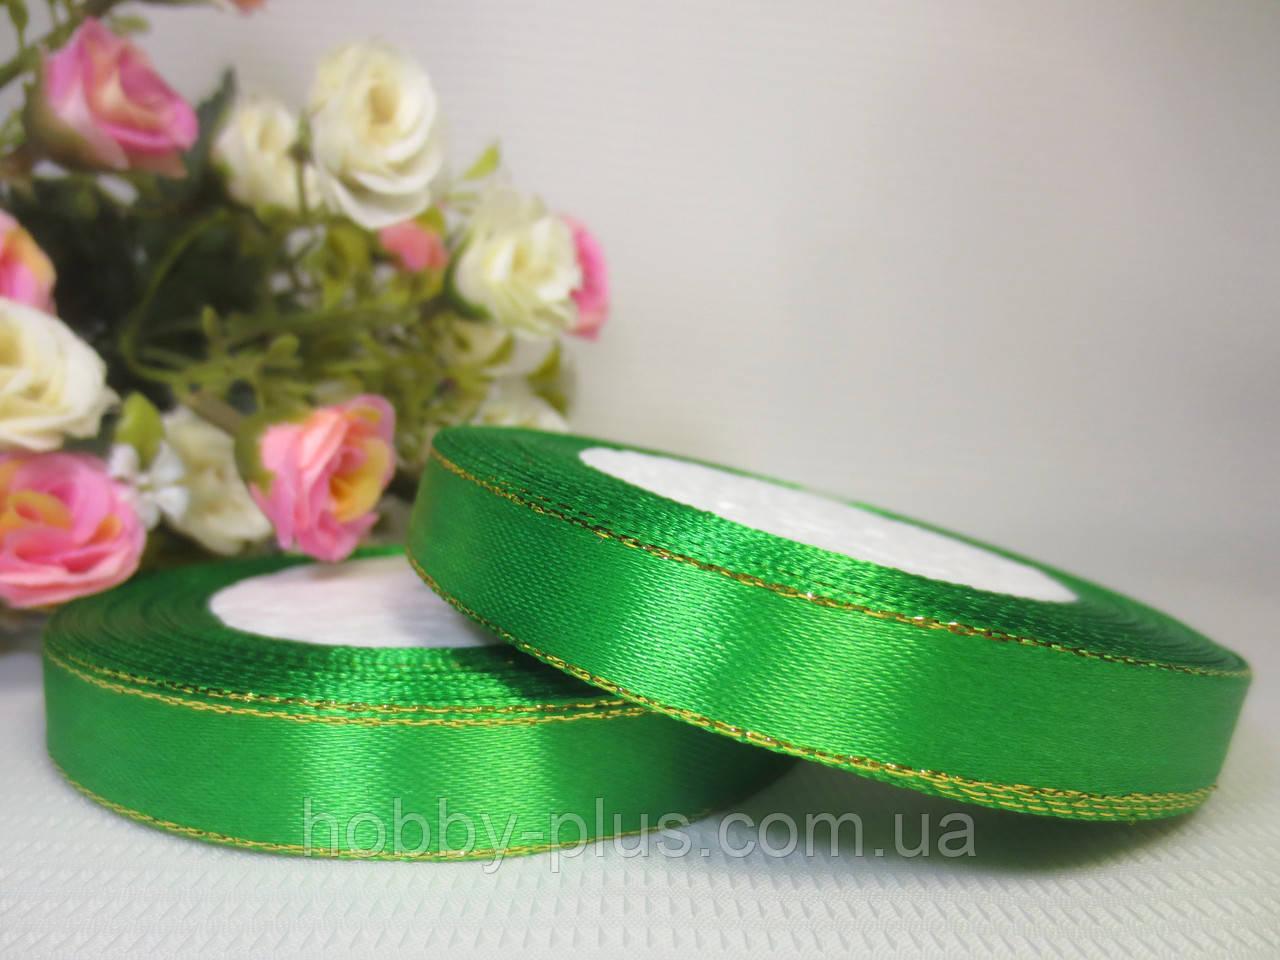 Атласная лента 1.2 см, с золотистым люрексом, зеленый